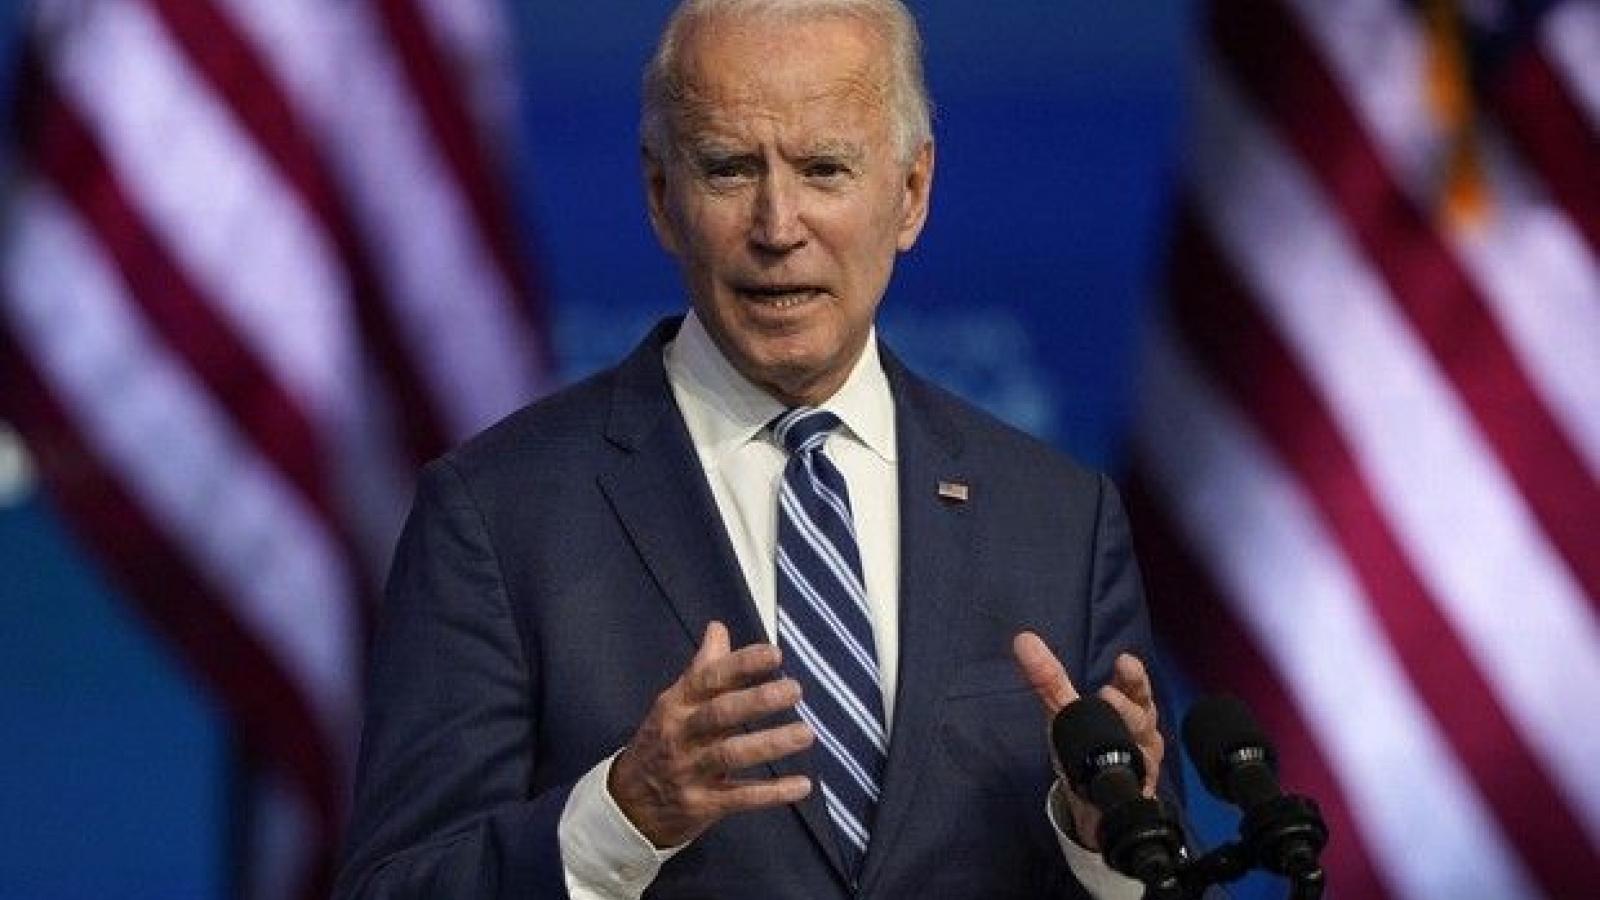 Nước Mỹ dưới thời Joe Biden có dễ hàn gắn quan hệ với đồng minh?